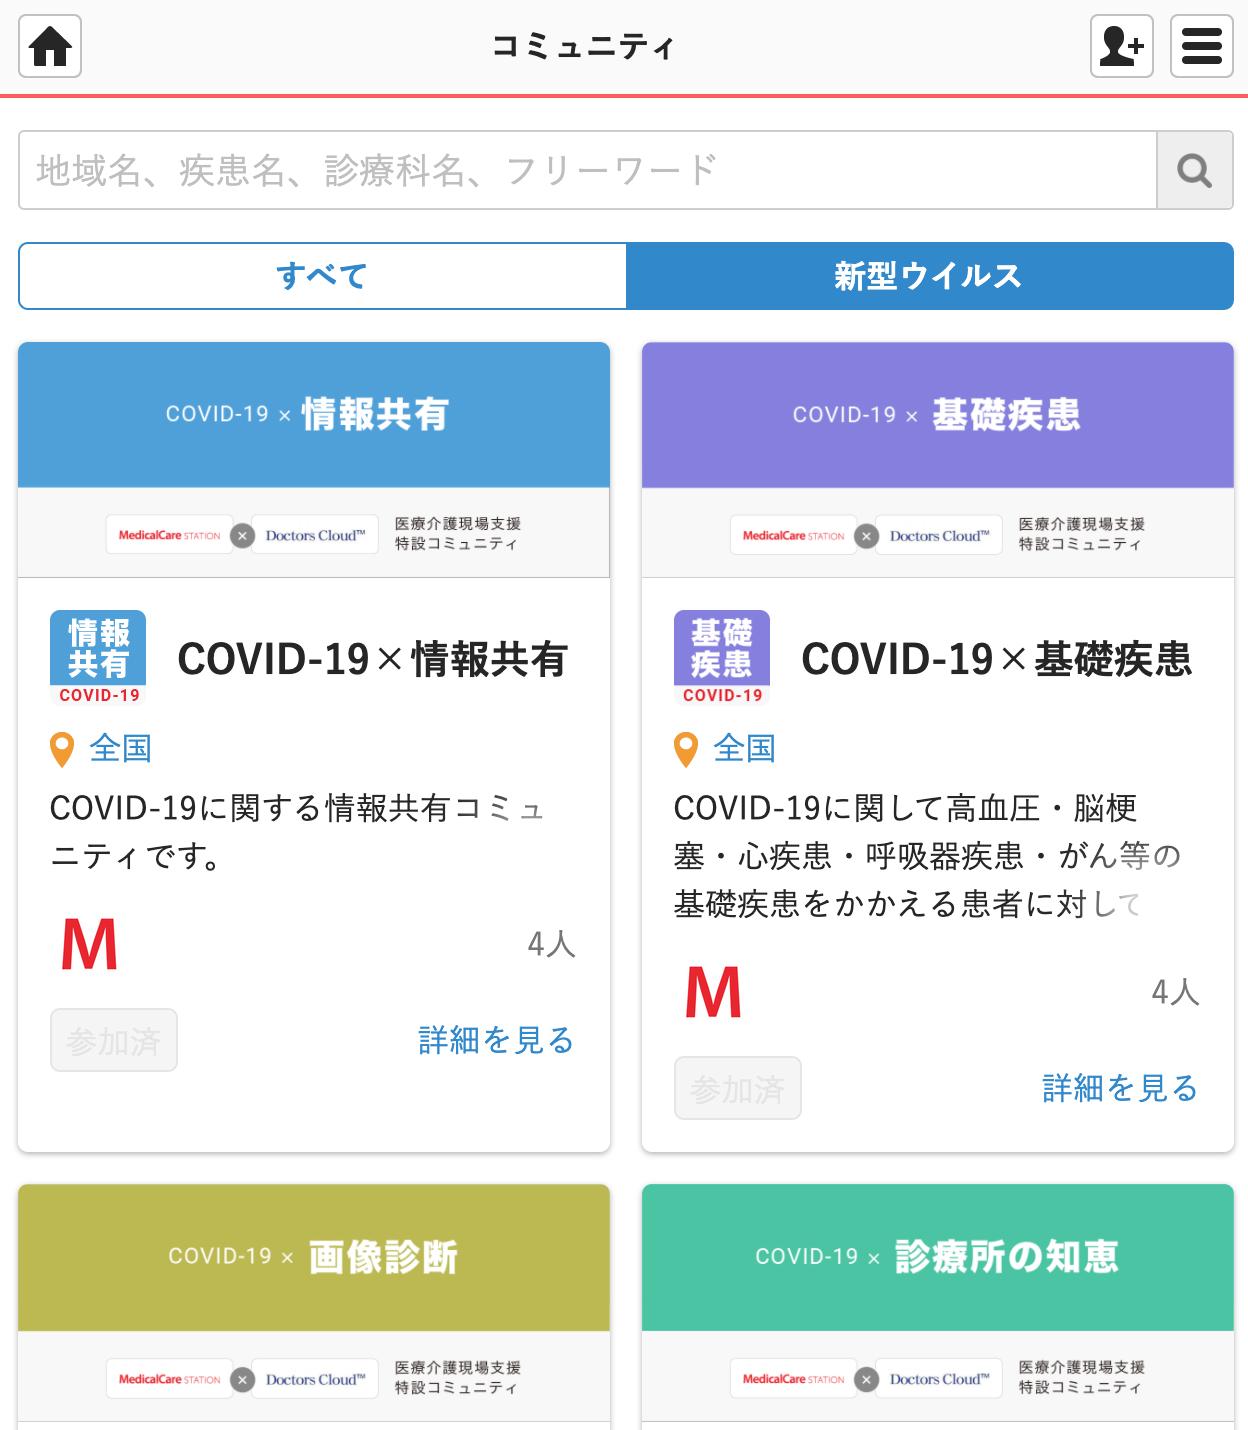 新型コロナウイルス感染症関連コミュニティのイメージ画像